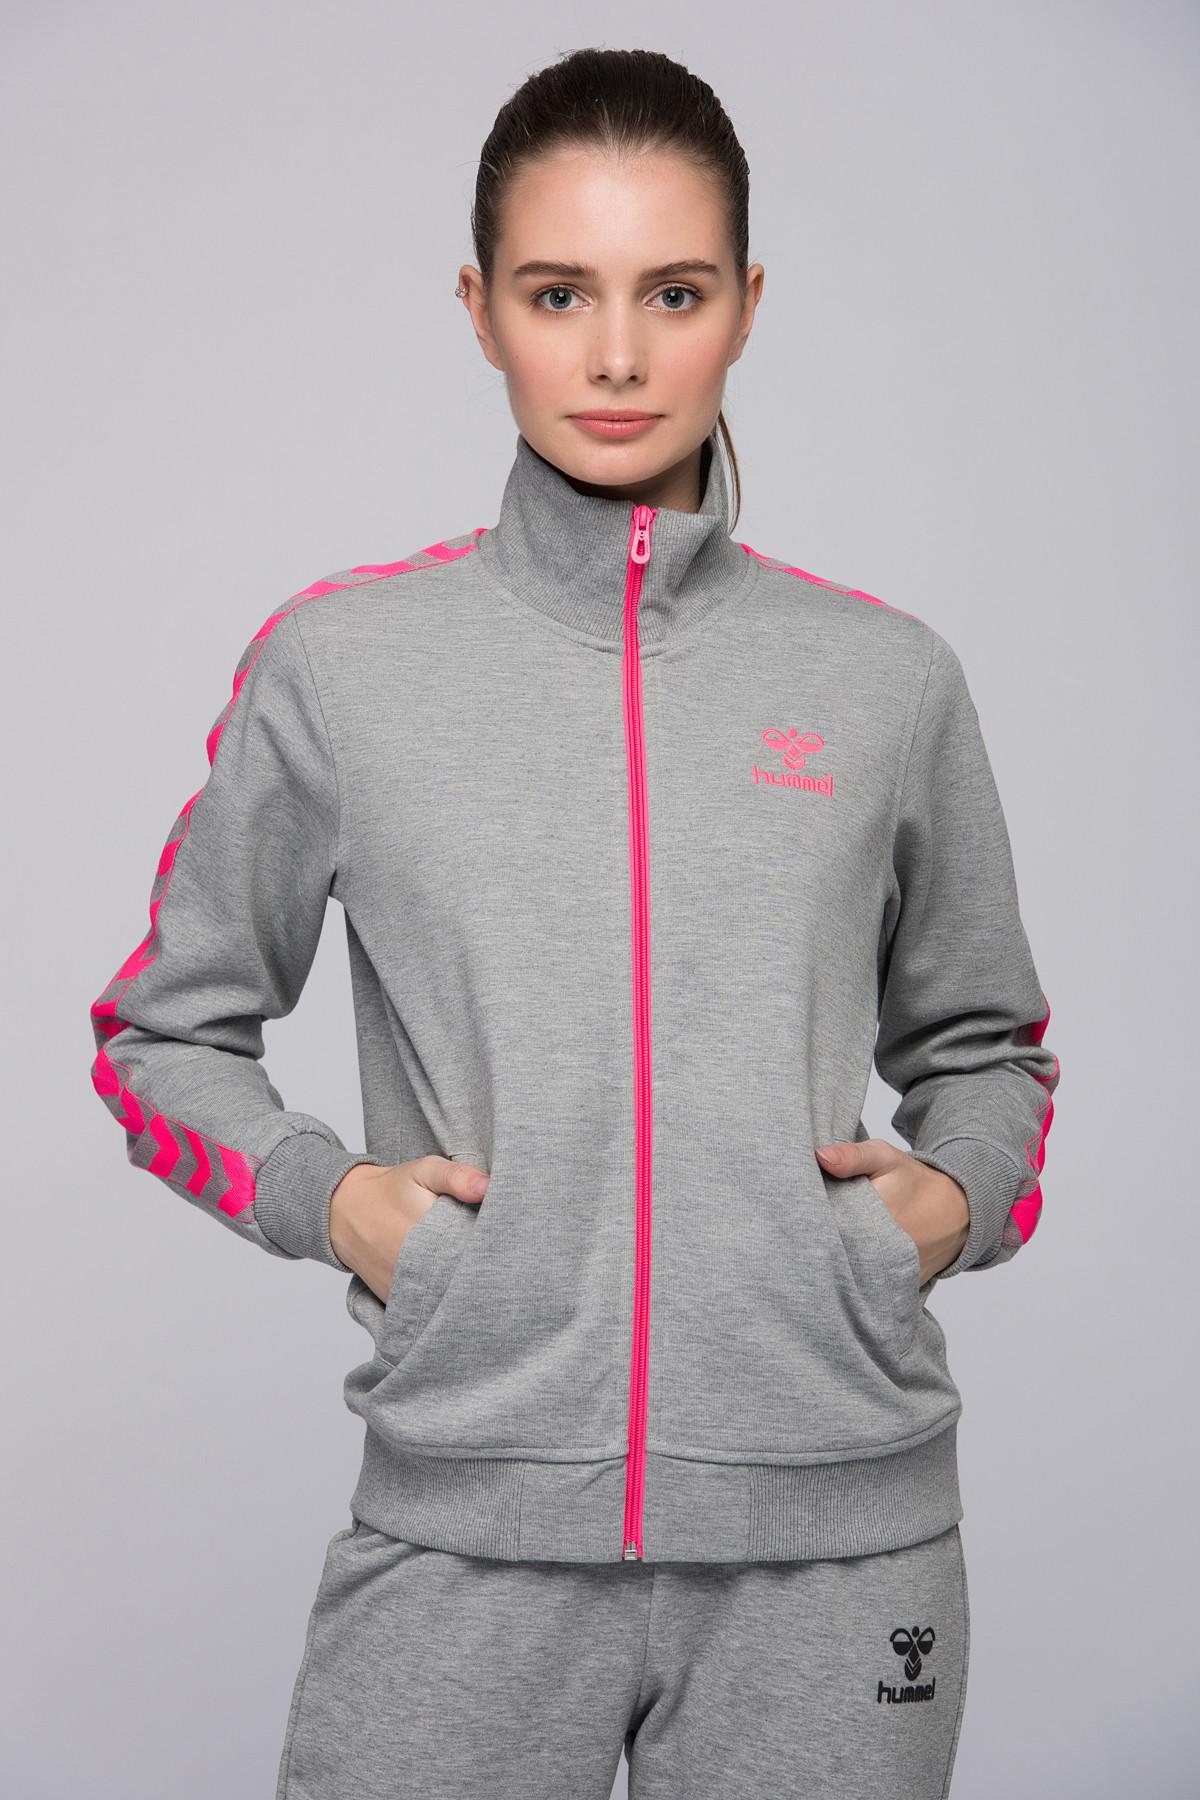 Kadın Sweatshirt Saren Zip Jacket